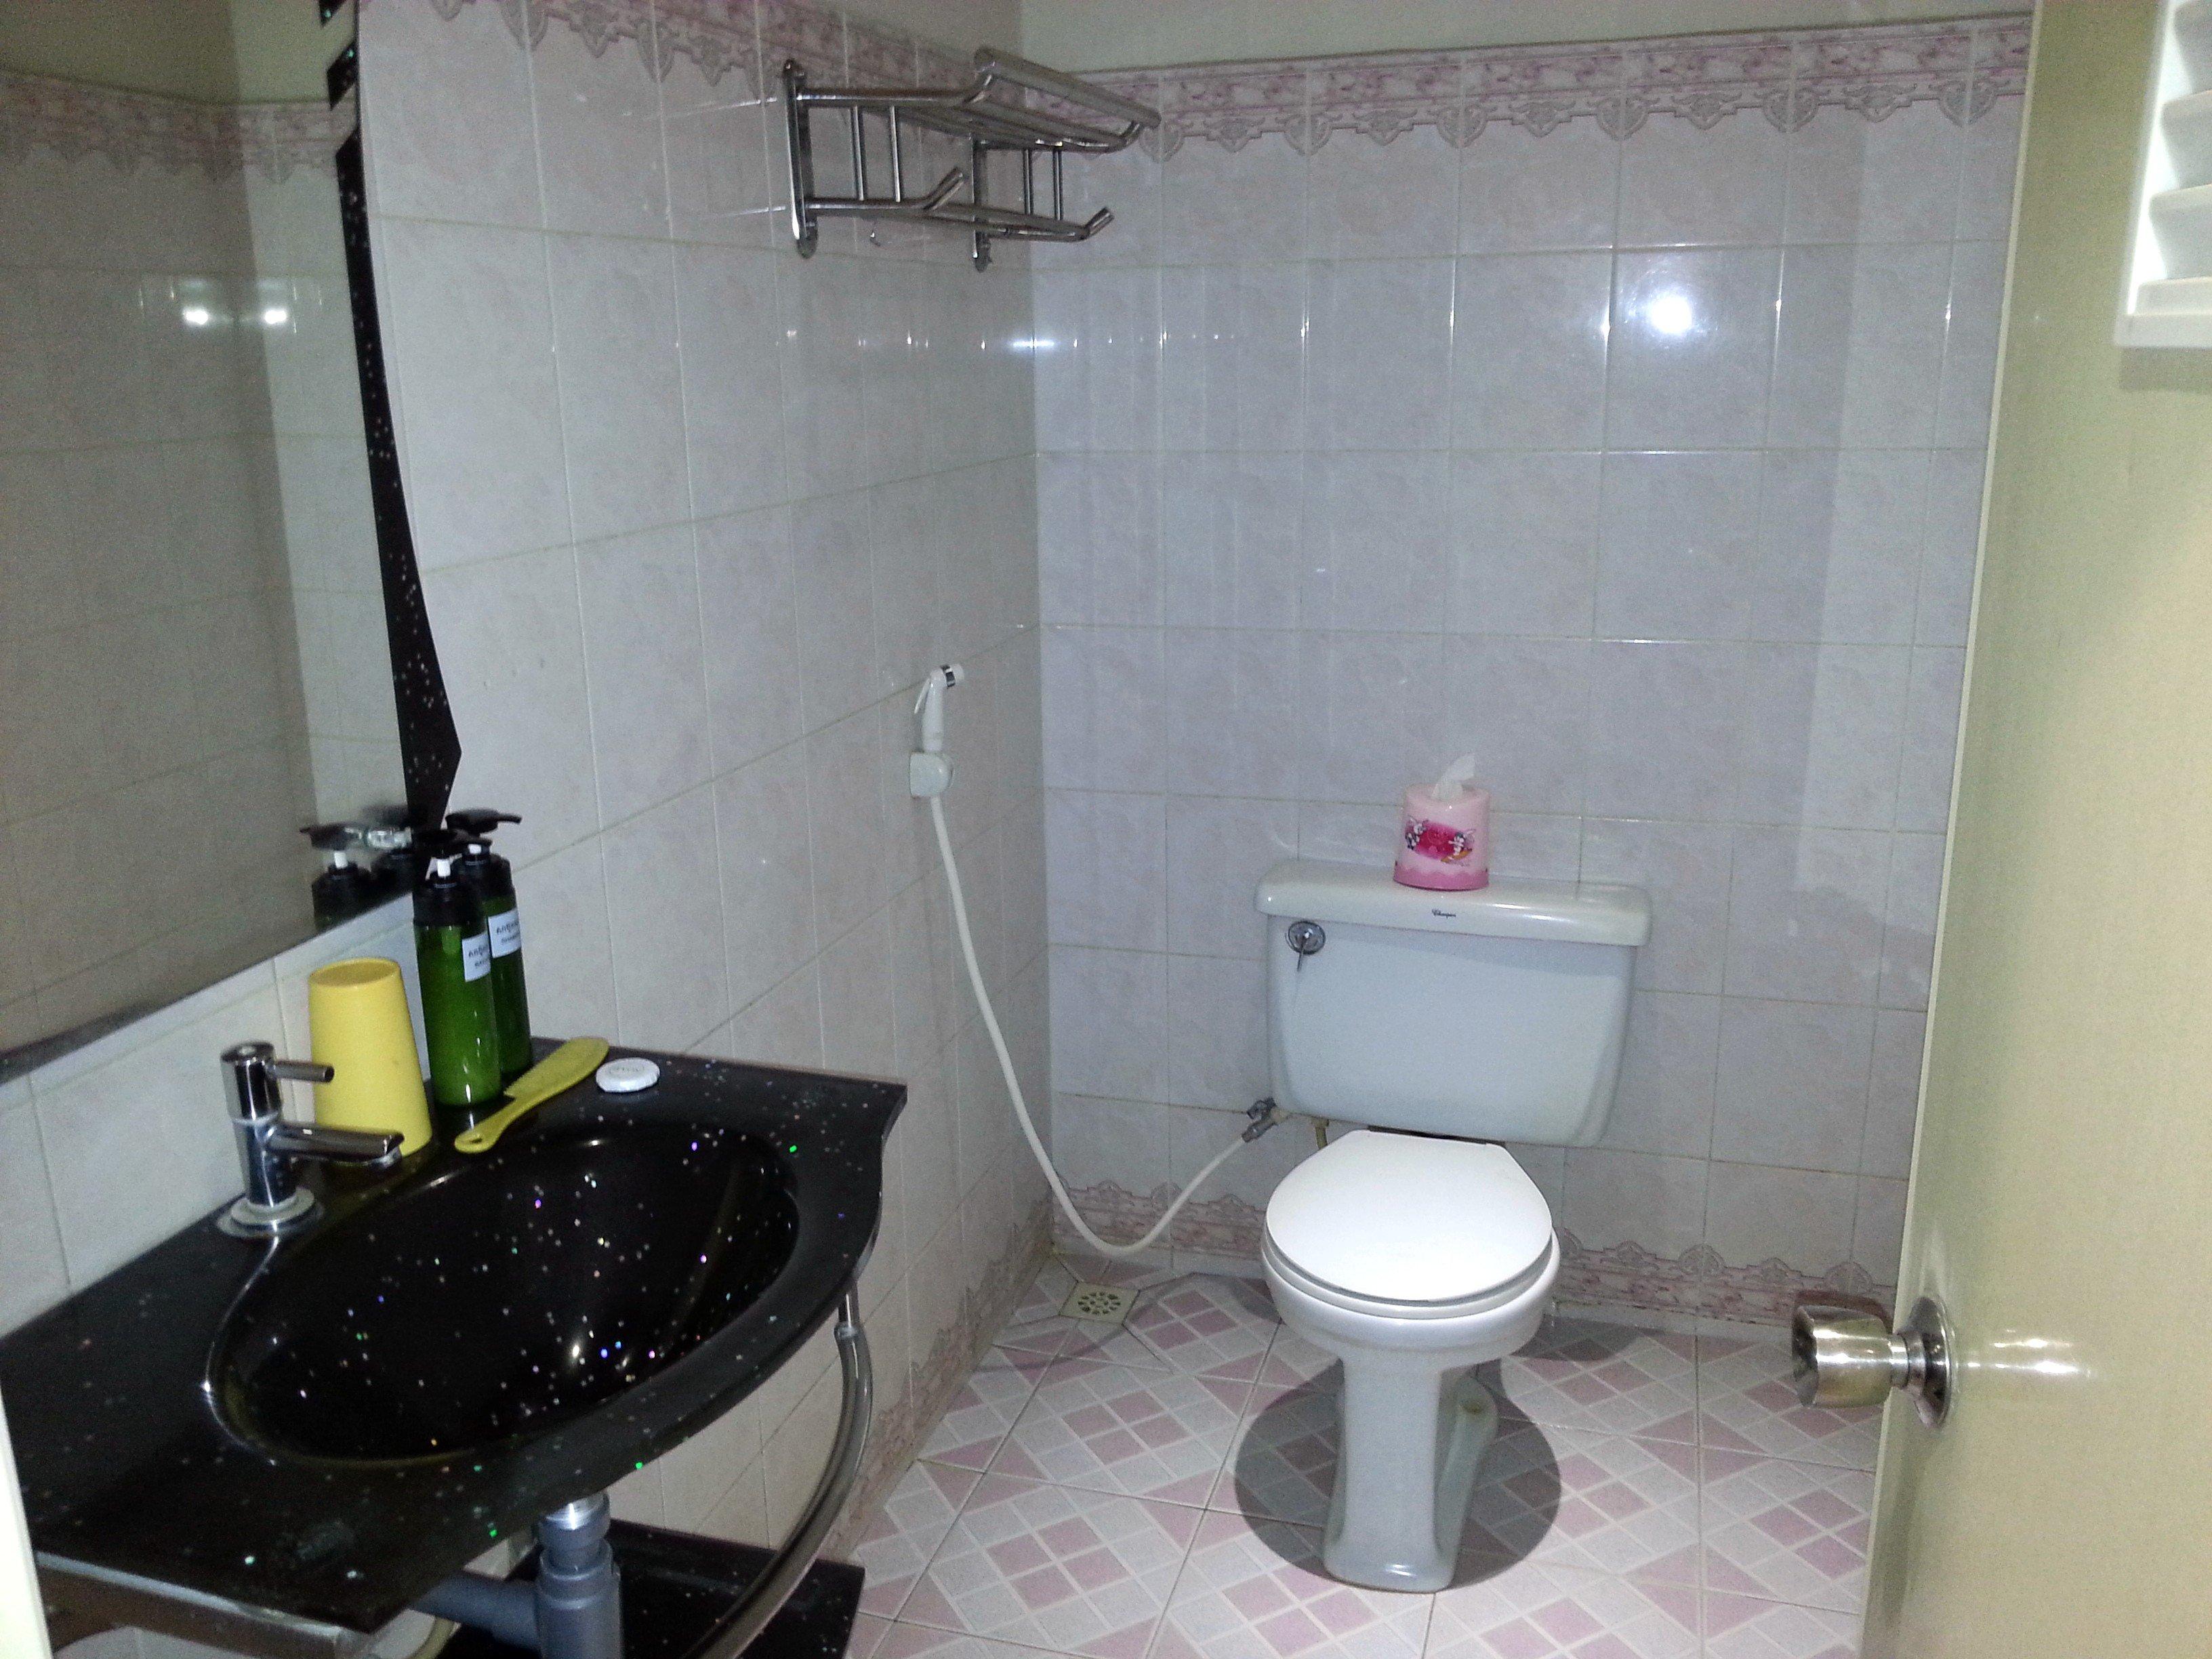 Bathroom at the Royal Hotel